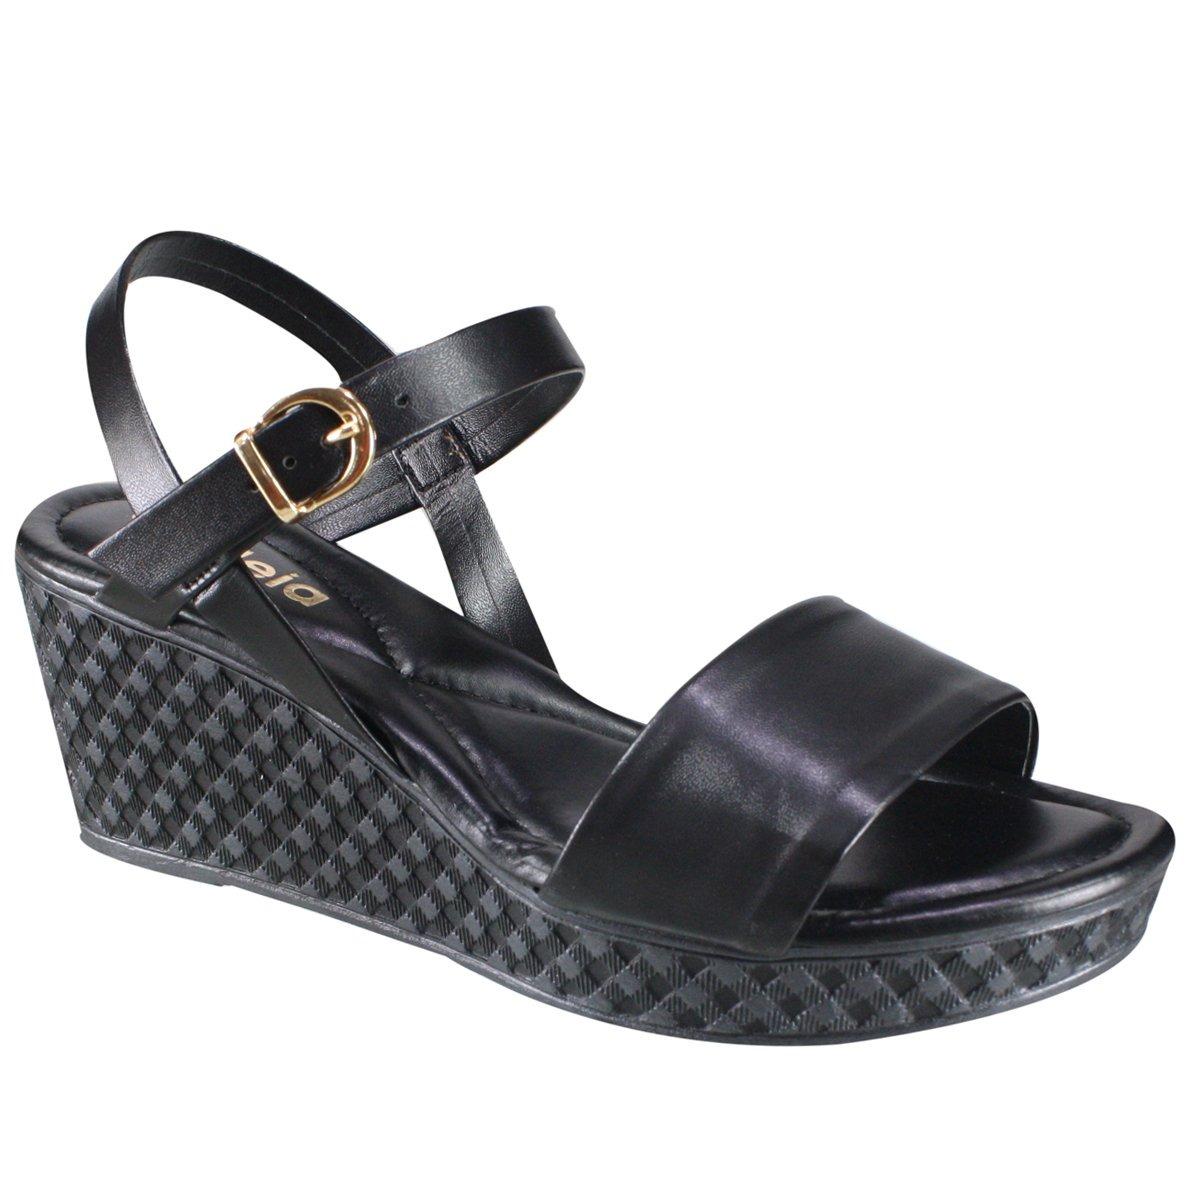 9413108e6 sandália feminina azaleia anabela 679/245 | katy calçados. Carregando zoom.